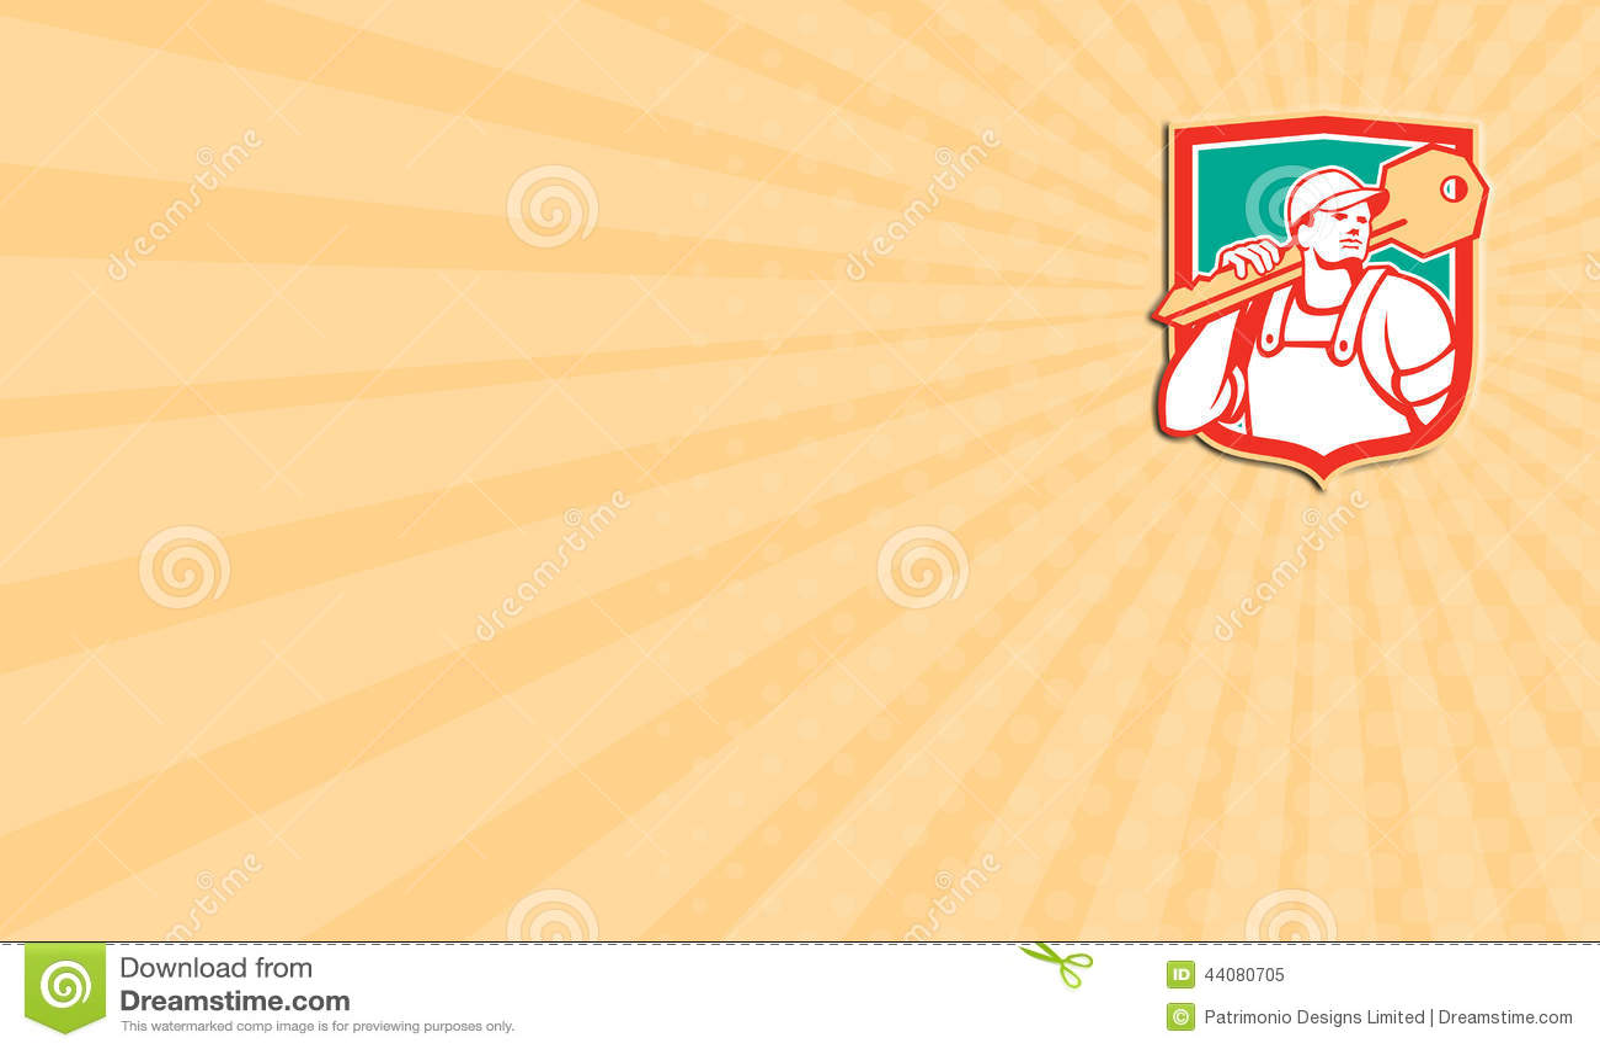 Carte De Visite Professionnelle Montrant Lillustration Dun Serrurier Se Tenant Regardant A La Cle Transport Laterale Sur Lensemble Depaule